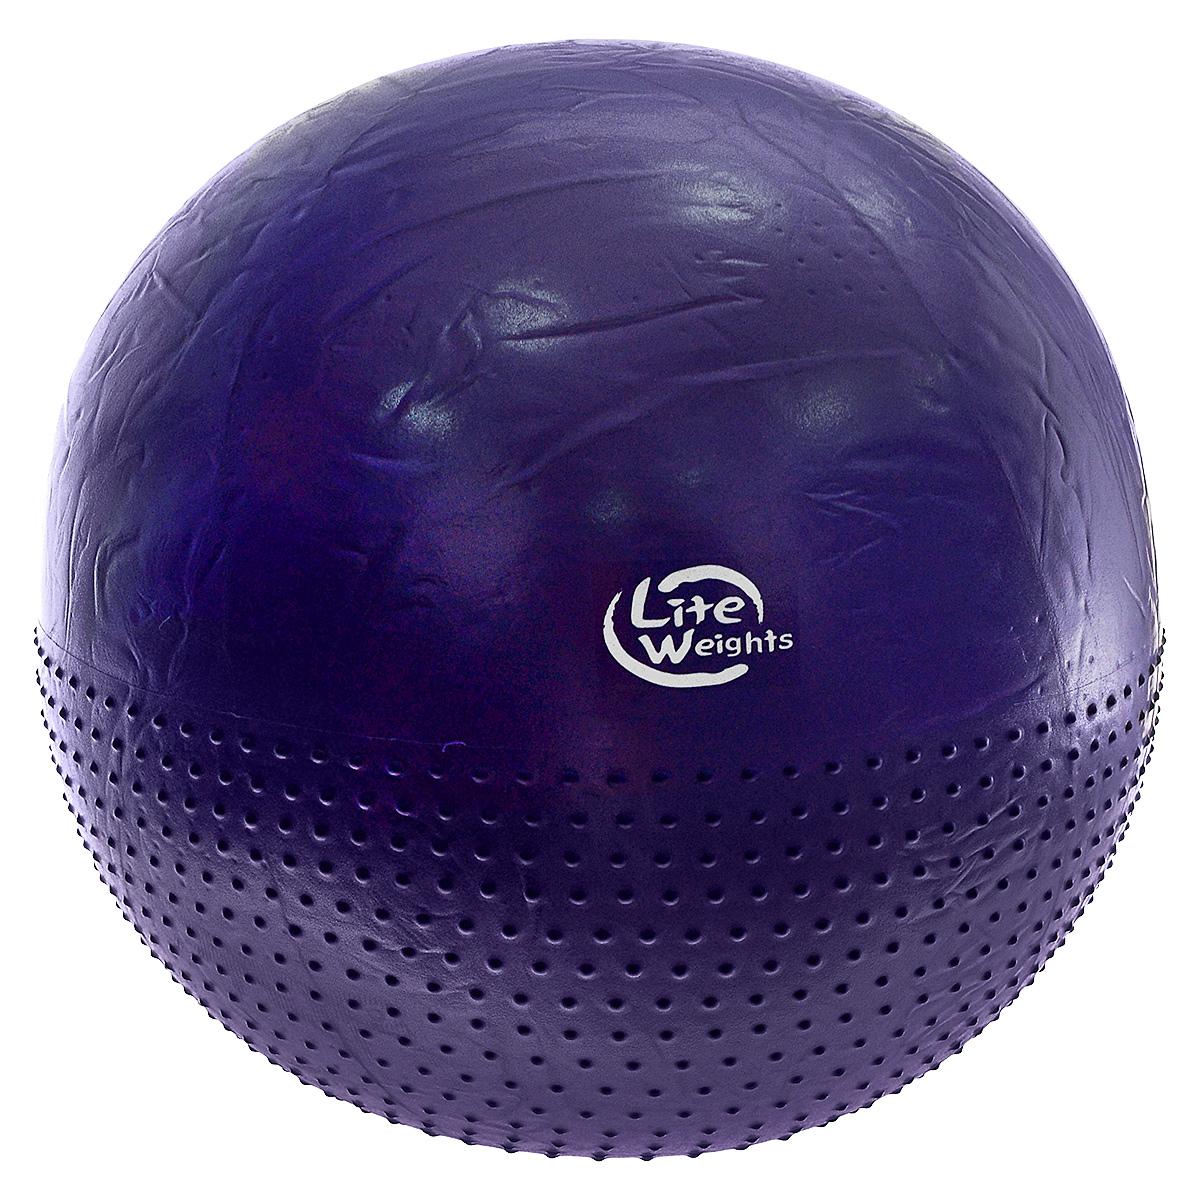 Мяч гимнастический Lite Weights, массажный, цвет: фиолетовый, диаметр 75 см. BB010-30BB010-30Гимнастический мяч (фитбол) Lite Weights изготовлен из силикона. Мяч предназначен для занятий фитнесом, аэробикой, лечебной физкультурой, а также обеспечивает улучшение кровообращения. Фитбол является универсальным тренажером для всех групп мышц, помогает развить гибкость, исправить осанку, снимает чувство усталости в спине. Мяч Lite Weights снабжен системой Антивзрыв - специальный технологией, предупреждающей мяч от разрыва при сильной нагрузке. Благодаря пупырчатой поверхности, фитбол можно использовать для массажа, выполняя несложные упражнения. Преимущества гимнастических мячей: - их могут использовать люди, страдающие лишним весом и варикозным расширением вен; - во время тренировки задействуются практически все группы мышц; - используются при занятиях лечебной гимнастикой, аэробикой, фитнесом; - способствуют восстановлению мышечных функций и улучшению здоровья в целом. В комплект входит пластиковый ручной...